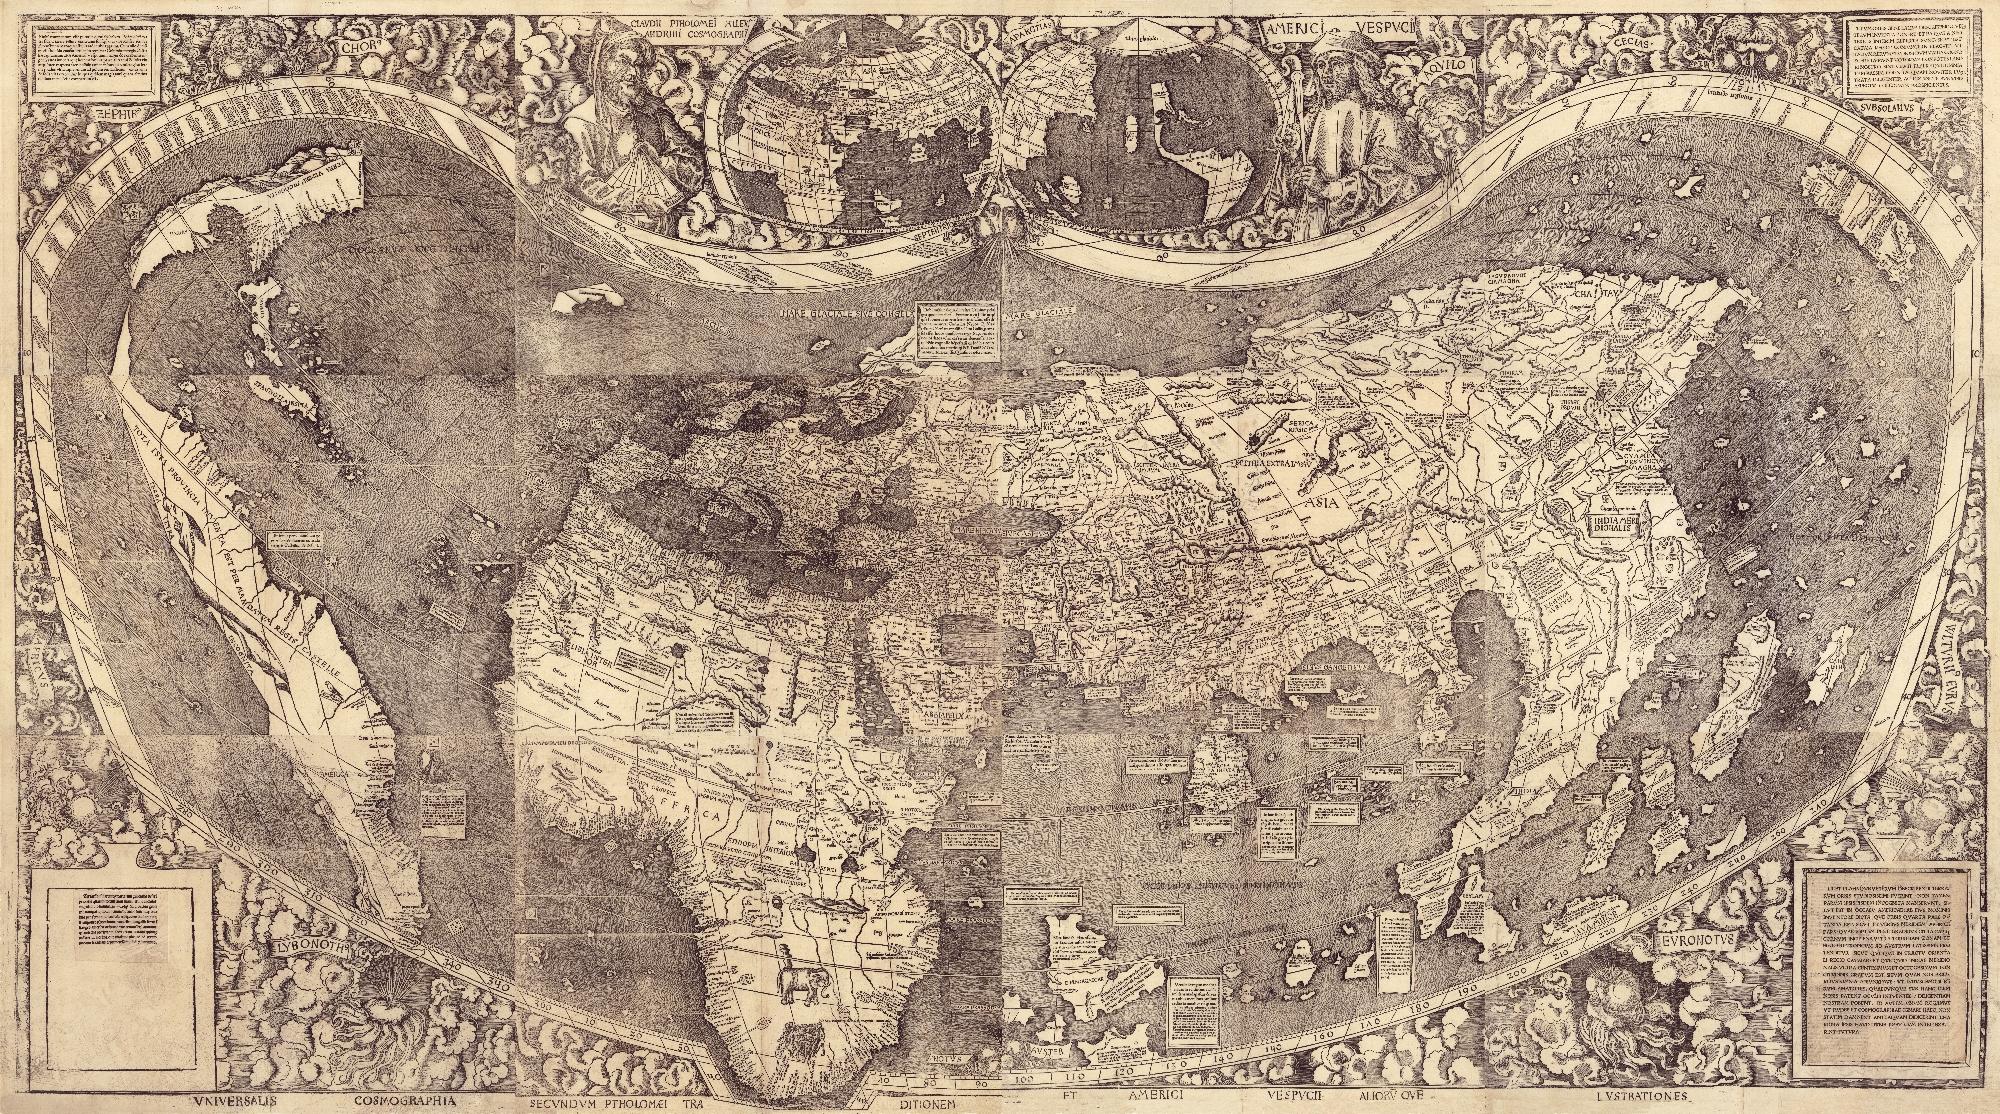 Waldseemüller Karte von 1507